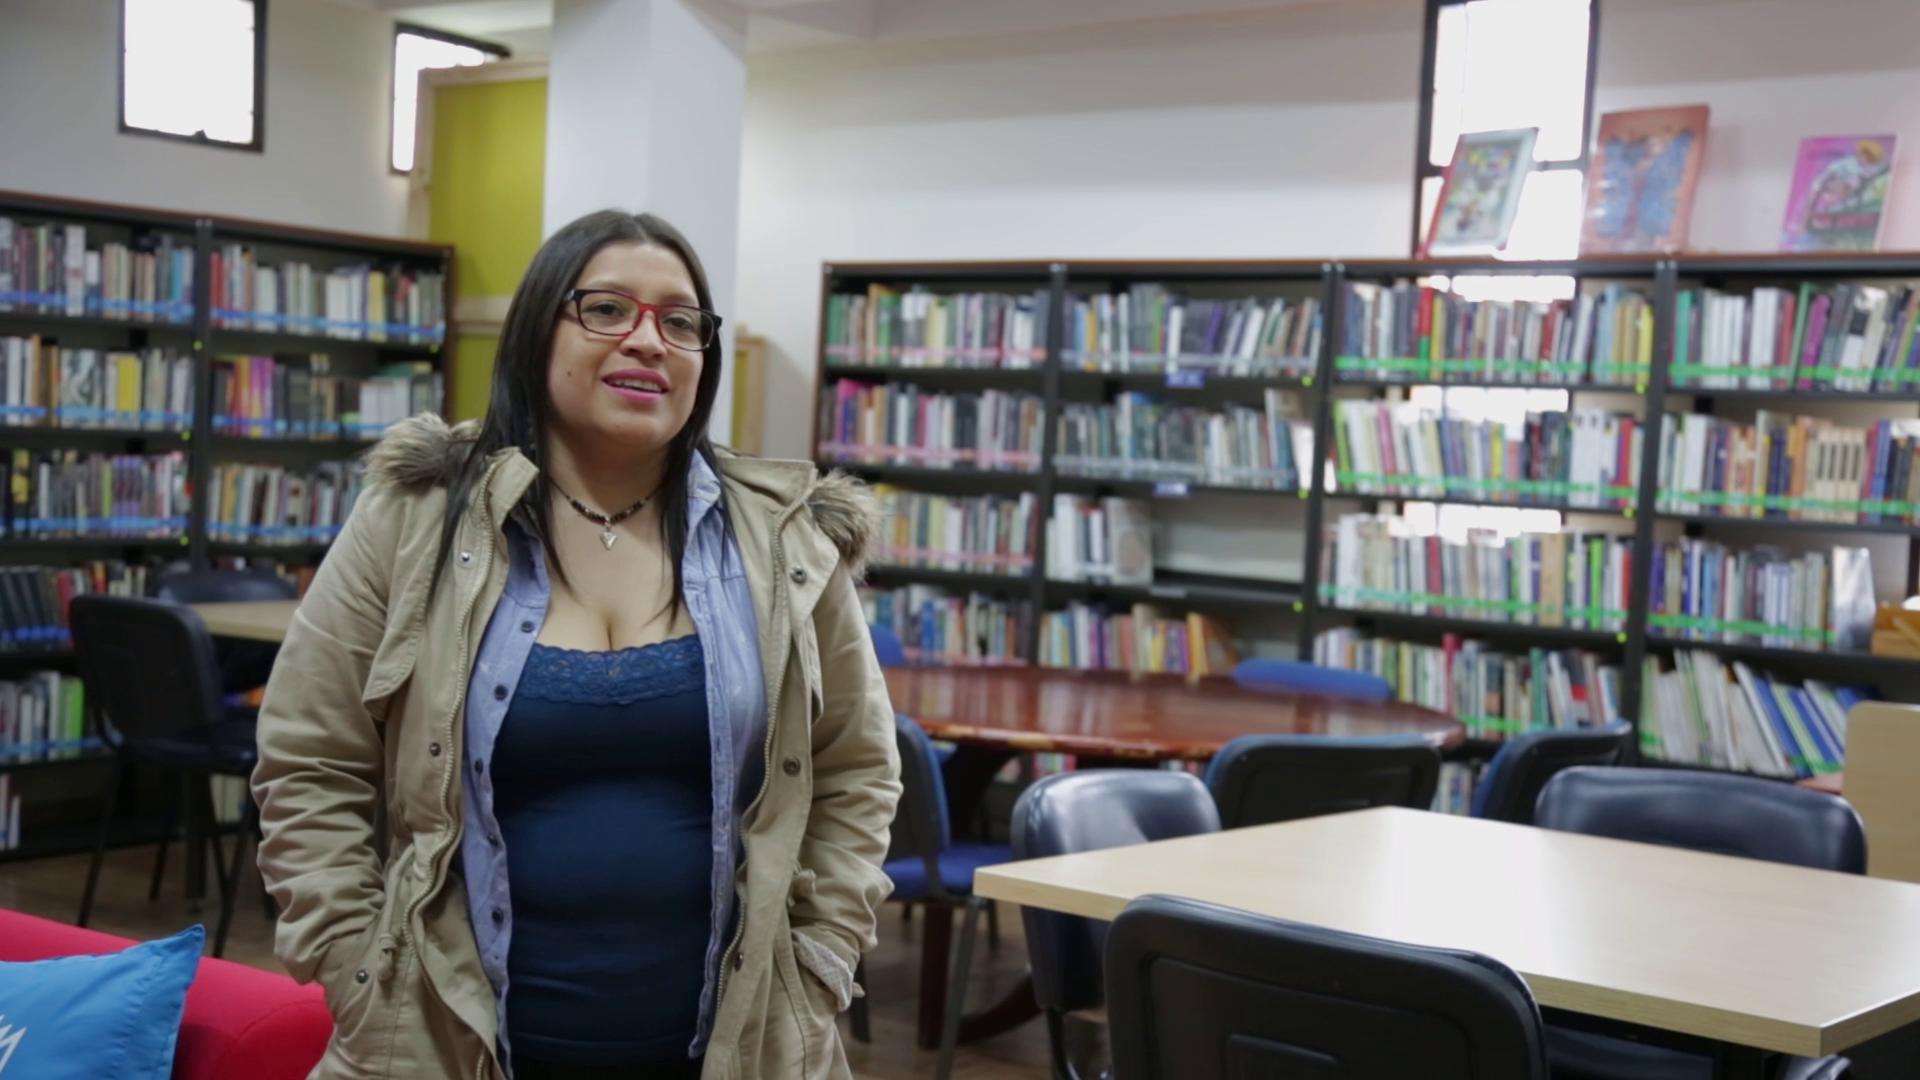 Imagen de apoyo de  Cristina Silva (Biblioteca Pública La Peña, Urbano)